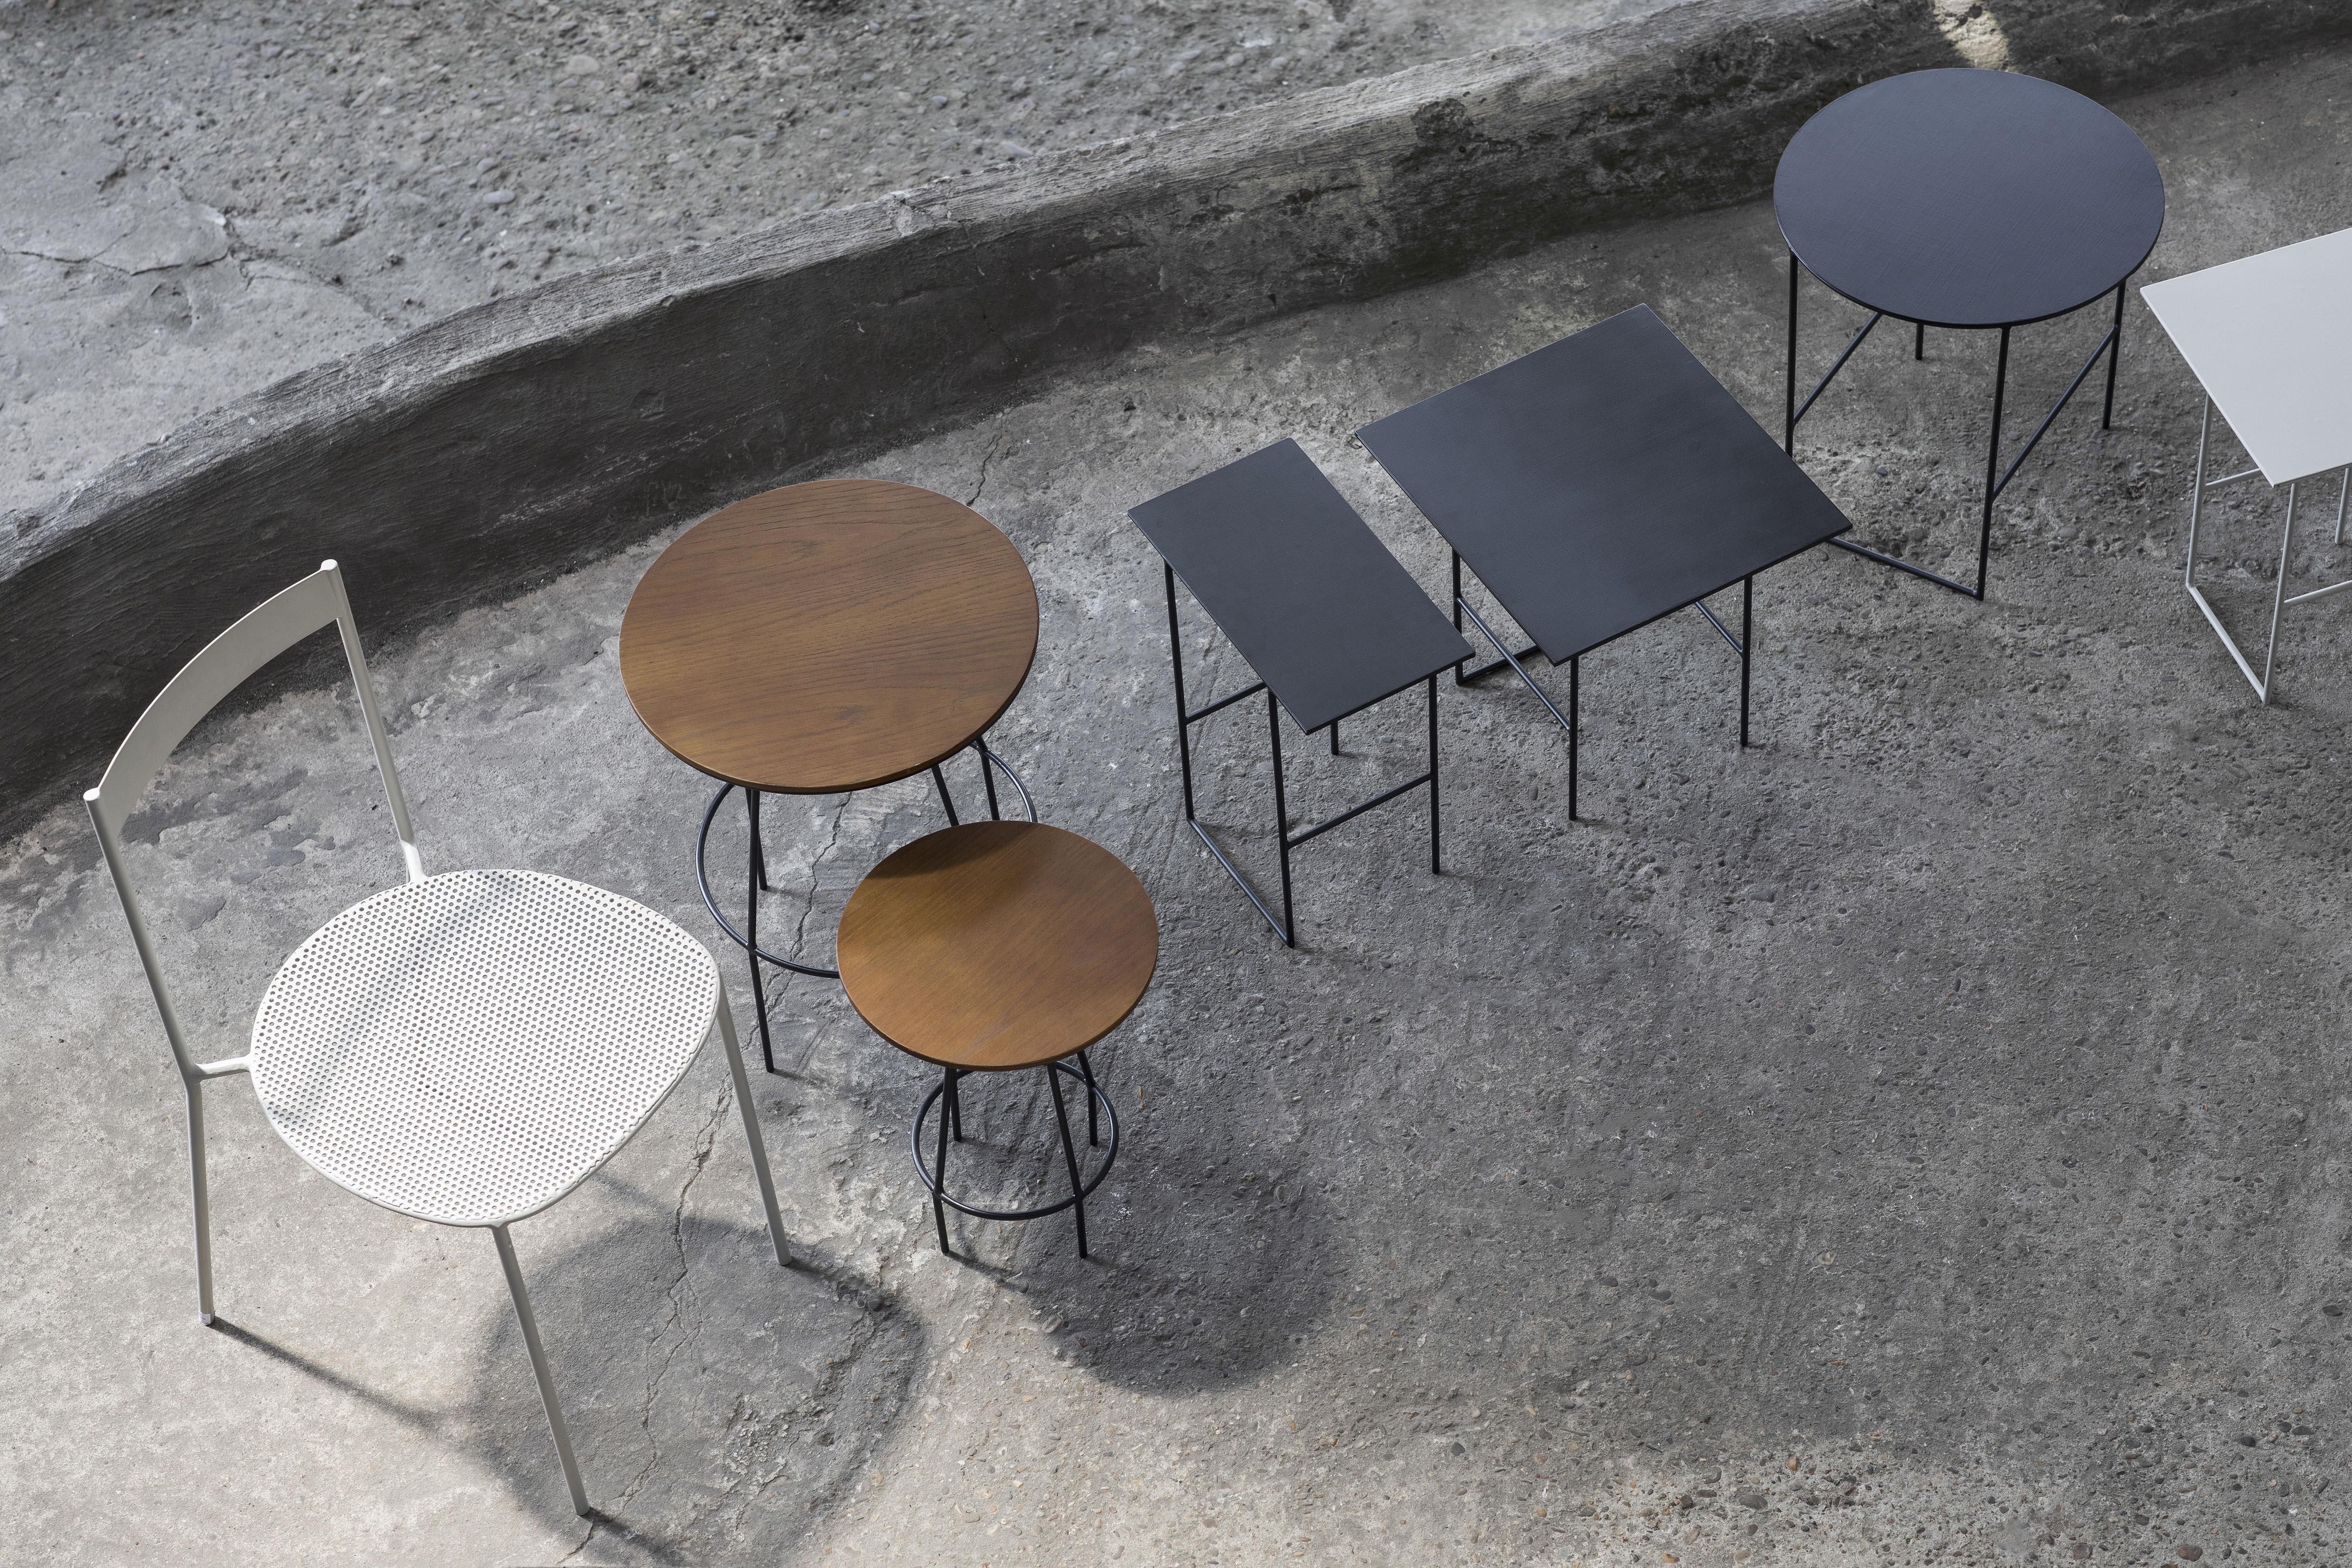 beistelltisch ula von serax holz schwarz h 40 5 x 30 made in design. Black Bedroom Furniture Sets. Home Design Ideas